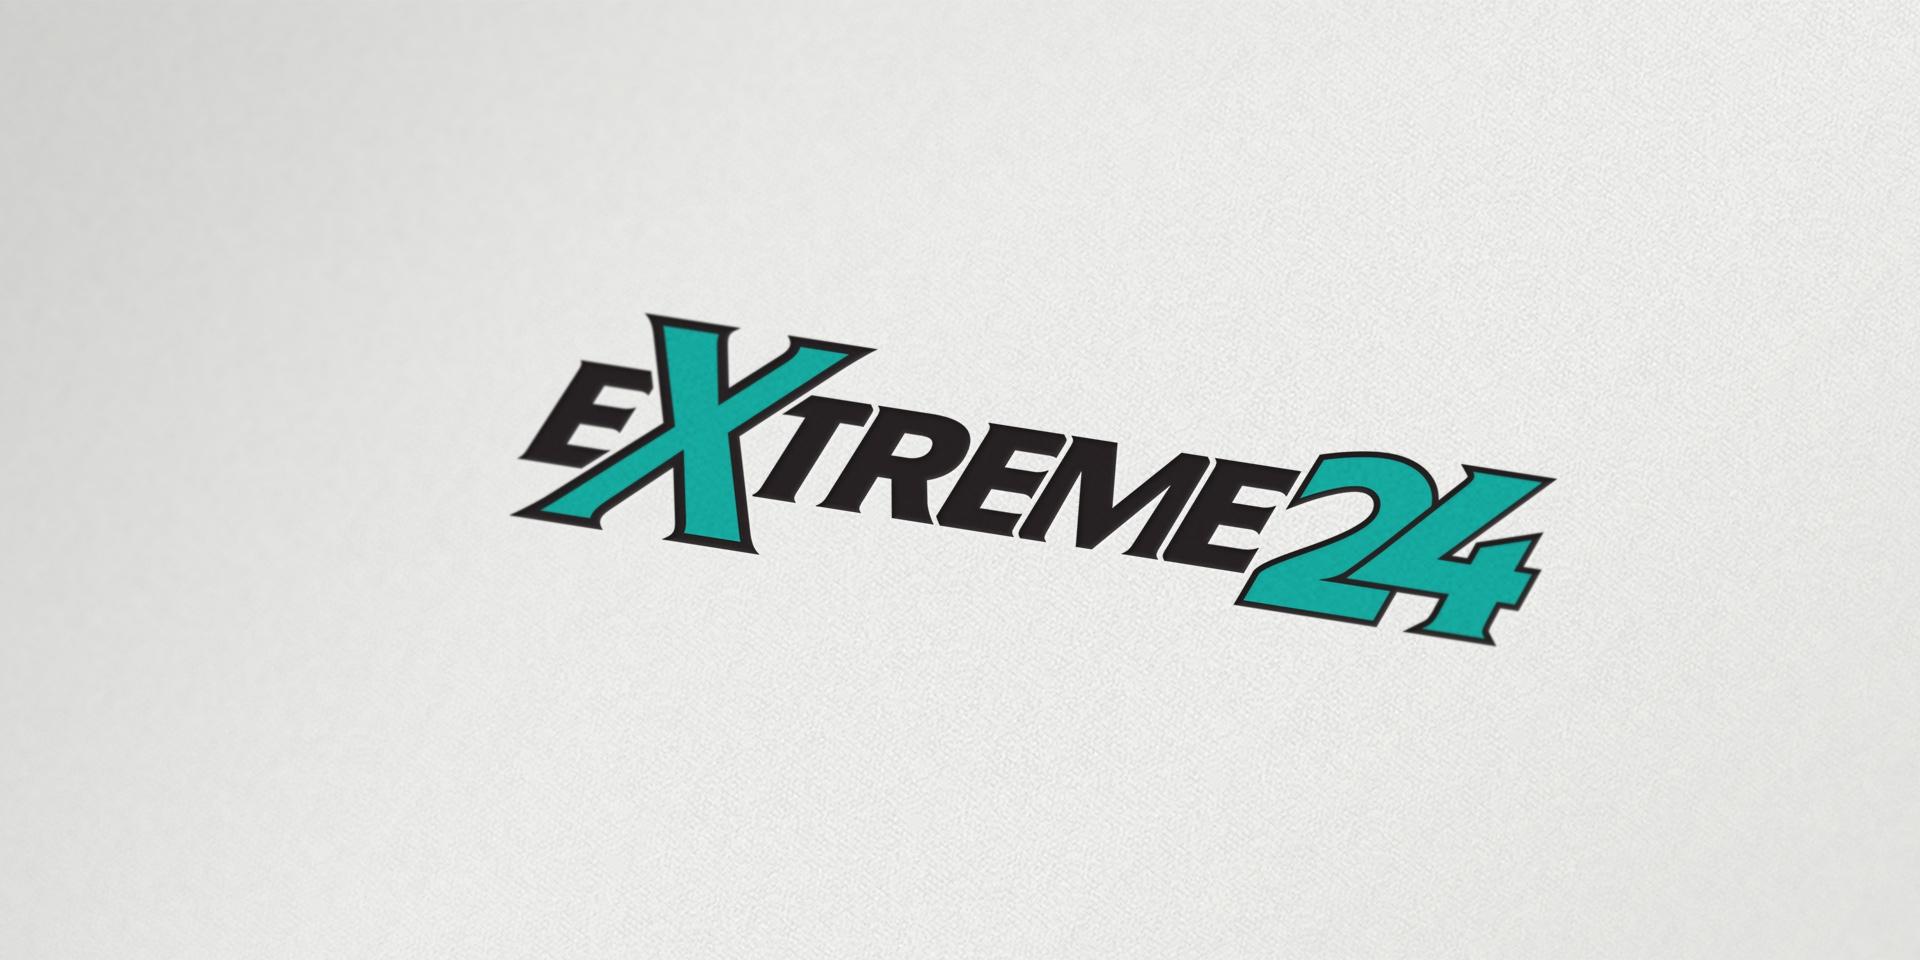 Extreme24